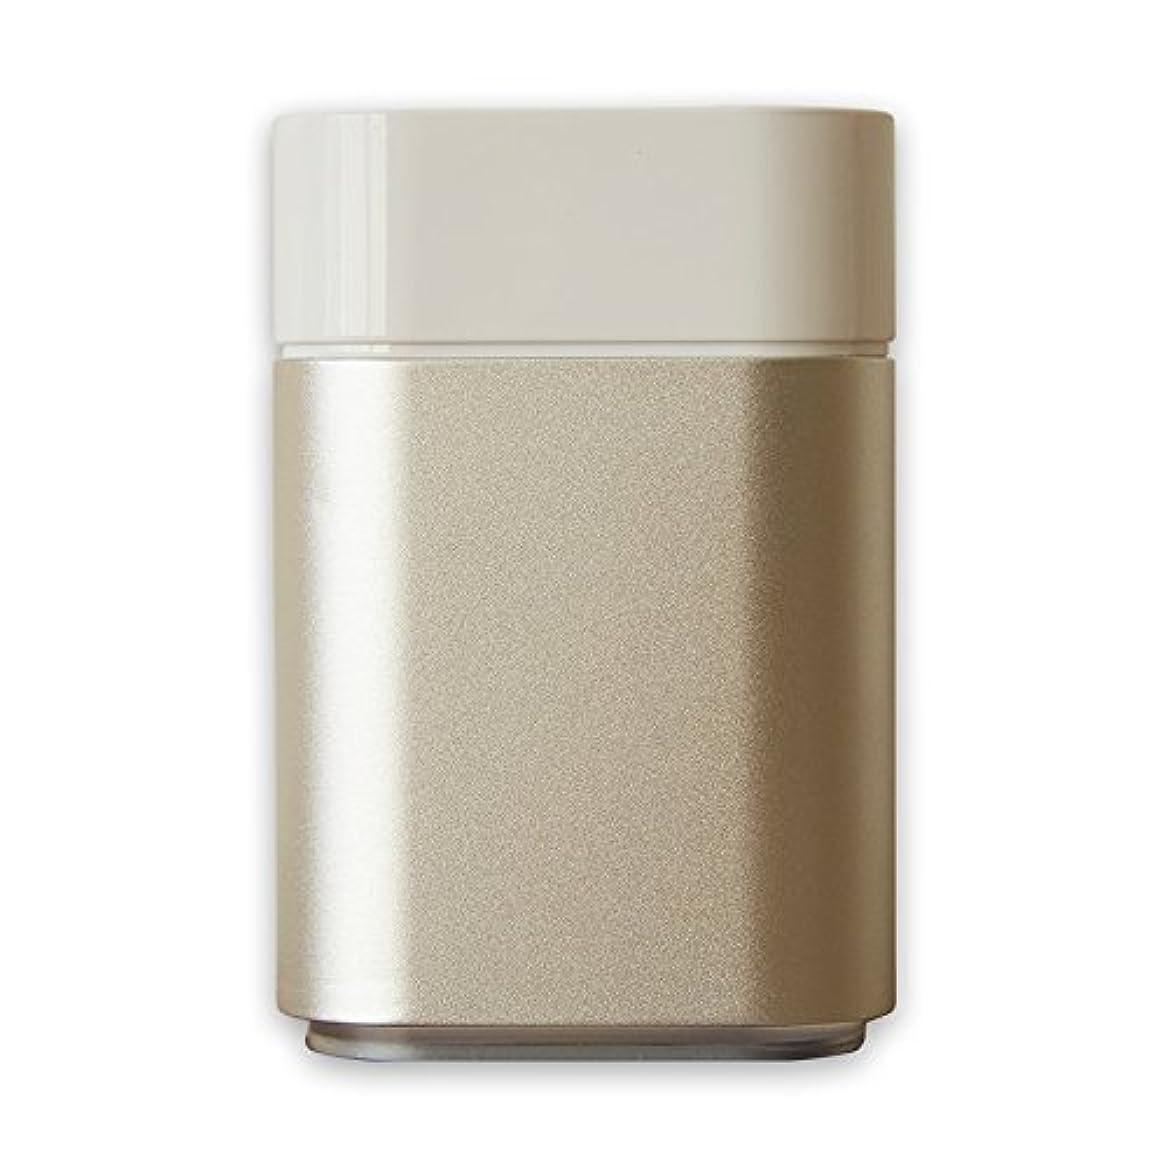 最小化する外交問題ポーンアロマディフューザー UR-AROMA04 卓上 小型 Uruon(ウルオン)水を使わない アロマ ネブライザー式 水なし ダイレクトオイル 製油瓶直噴式 超音波式 USB 卓上 油性 水性 静音 アロマオイル